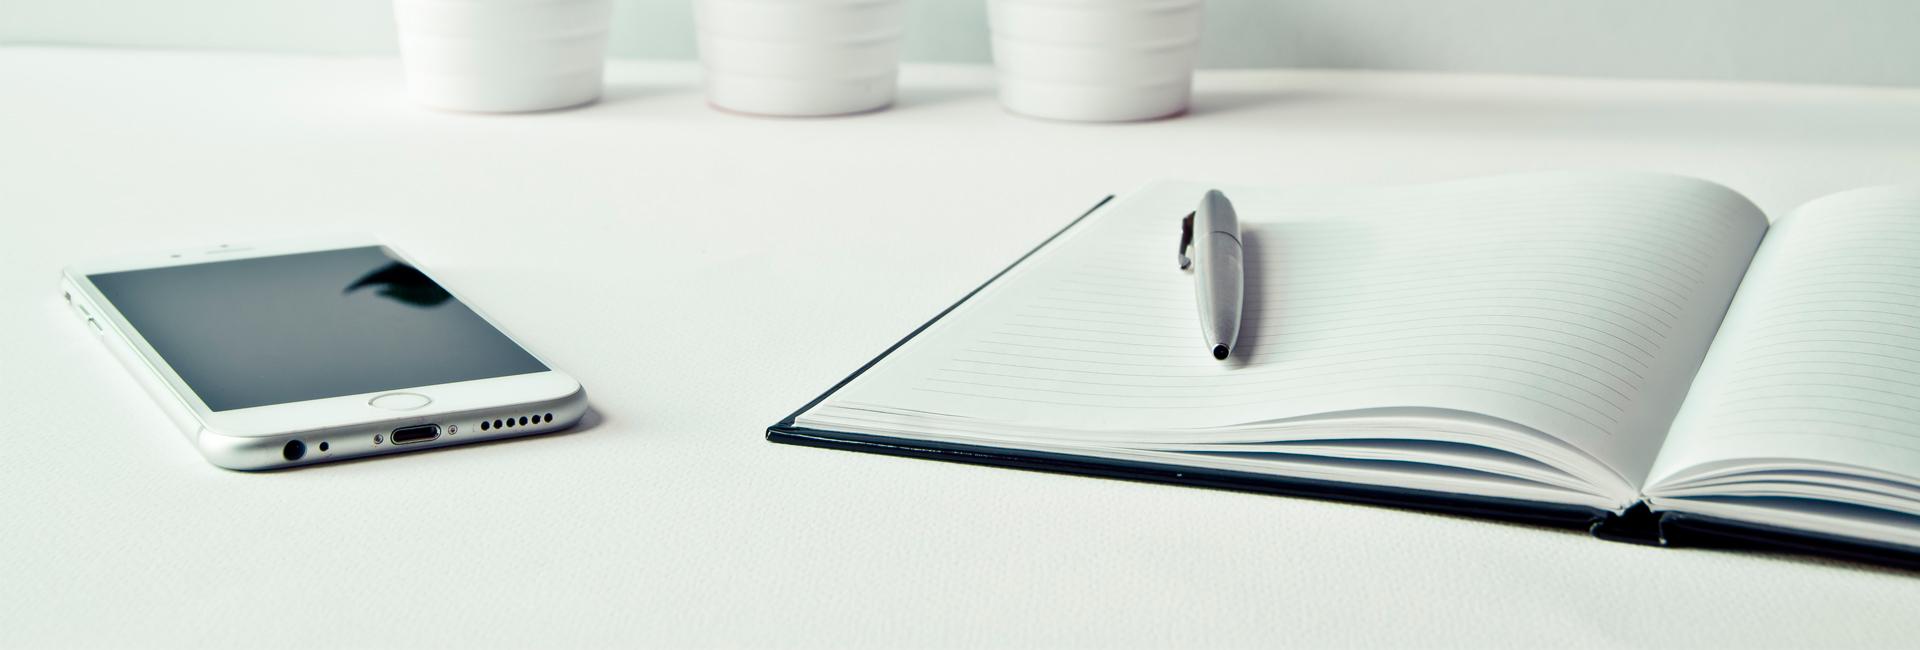 Muistilehtiö ja puhelin pöydällä